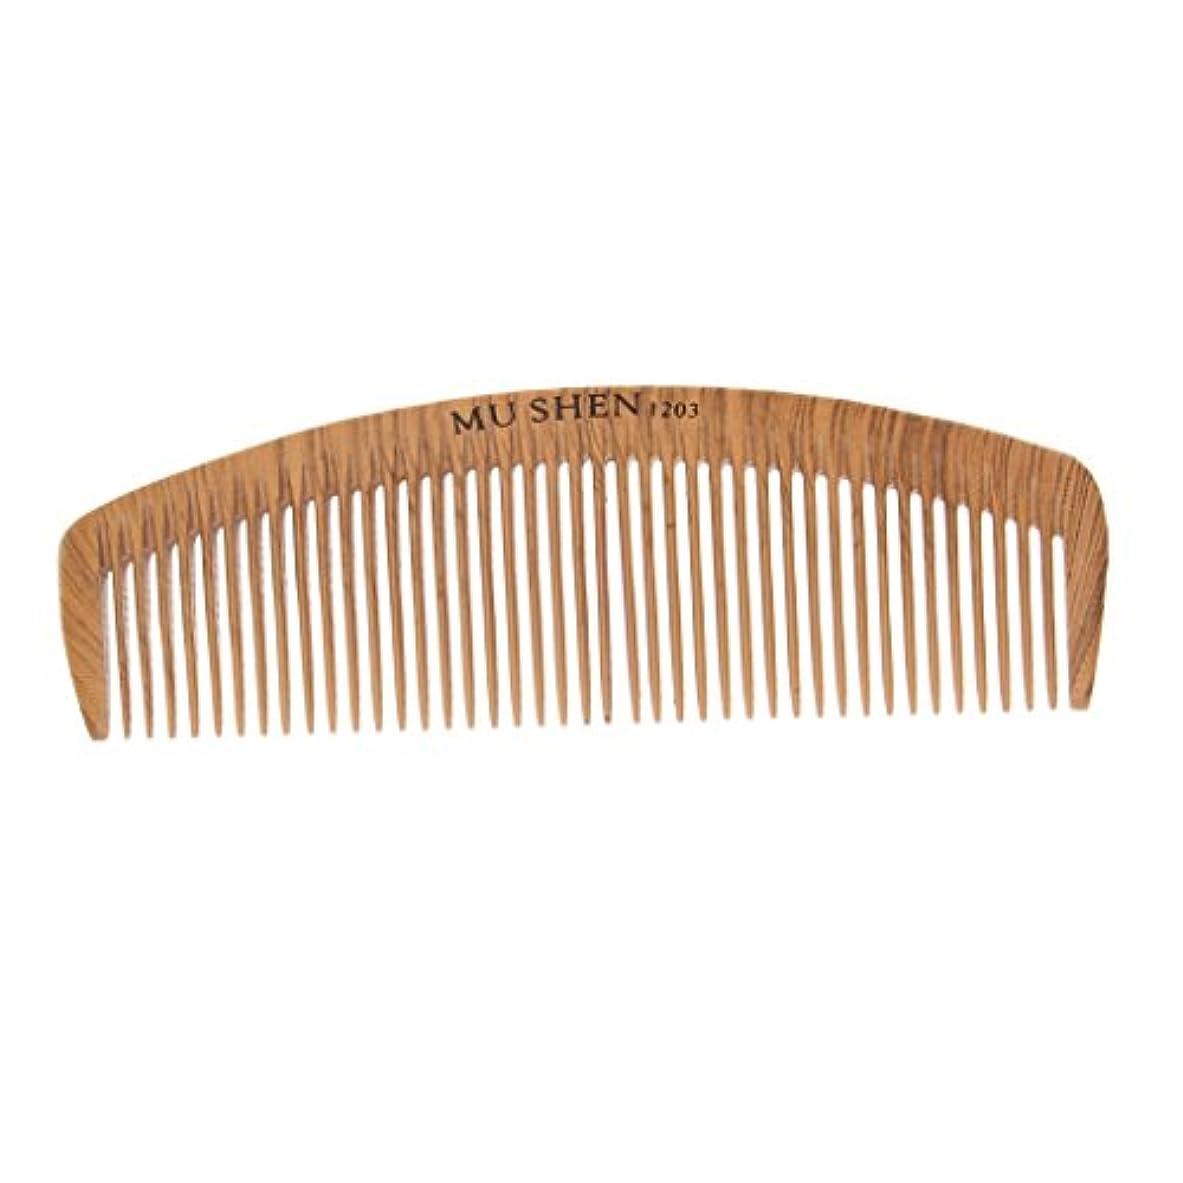 より多いティーンエイジャー外交CUTICATE ヘアコーム ヘアブラシ 帯電防止 ウッド サロン 理髪師 ヘアカット ヘアブラシ 全4タイプ - 1203